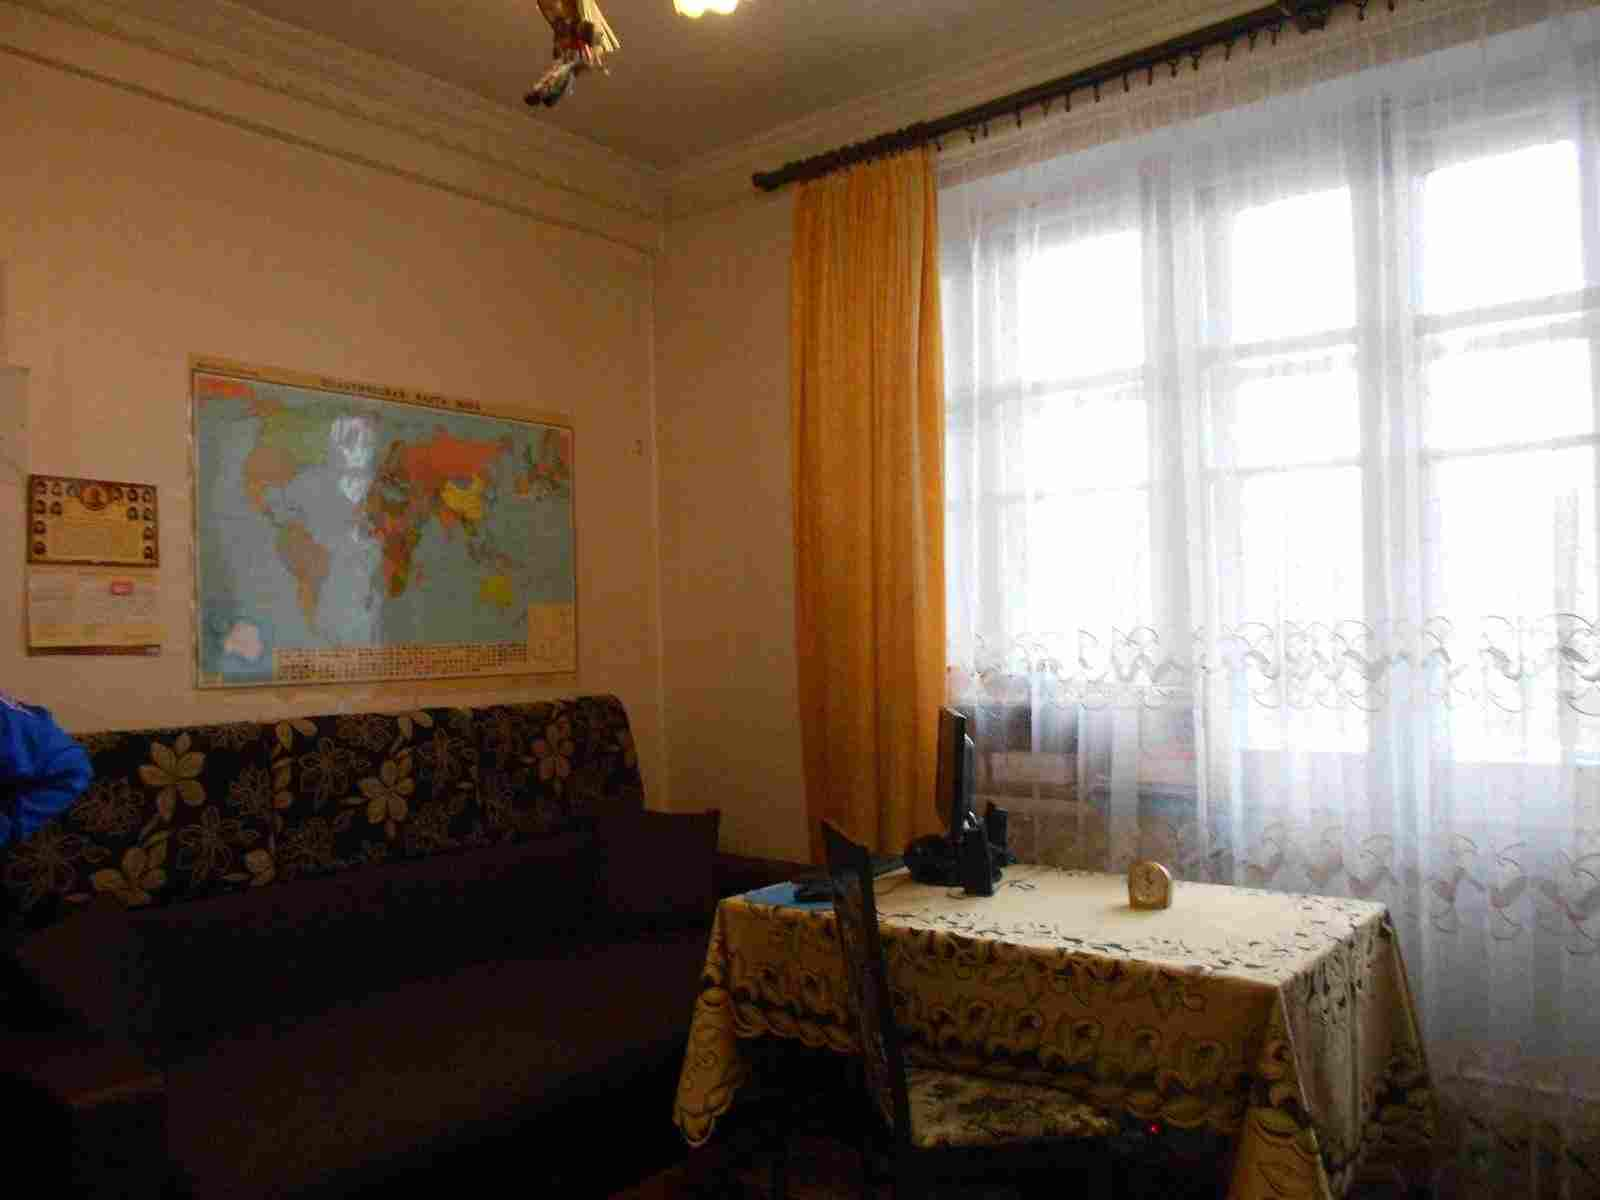 пр-т. Независимости, 29, 2-х комнатная квартира. Фото